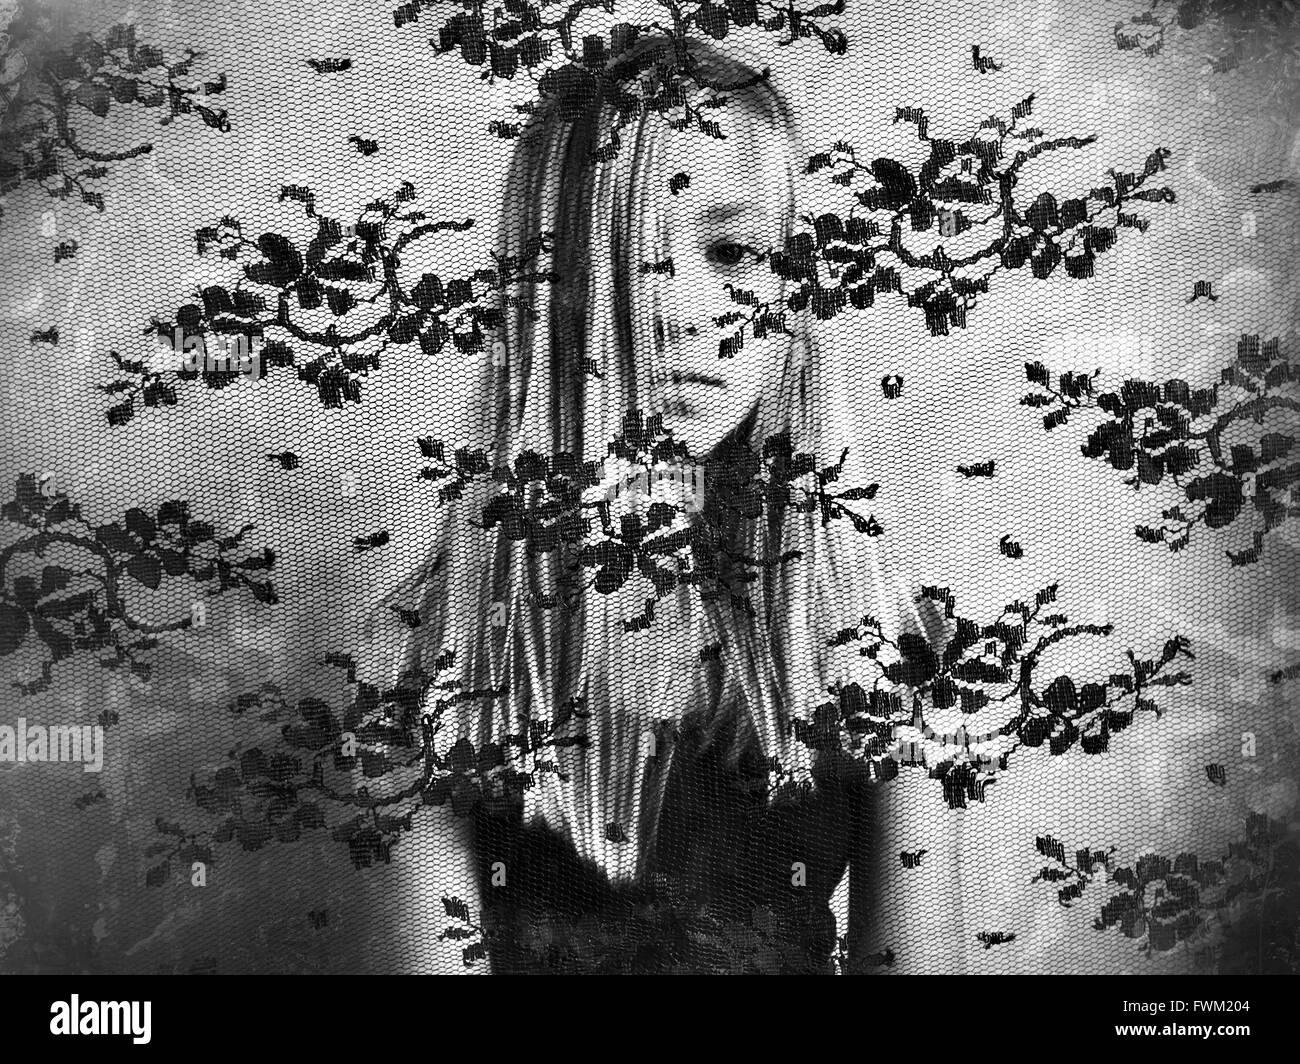 Ritratto di ragazza la faccia coperta da capelli visto da tessuto a rete Immagini Stock